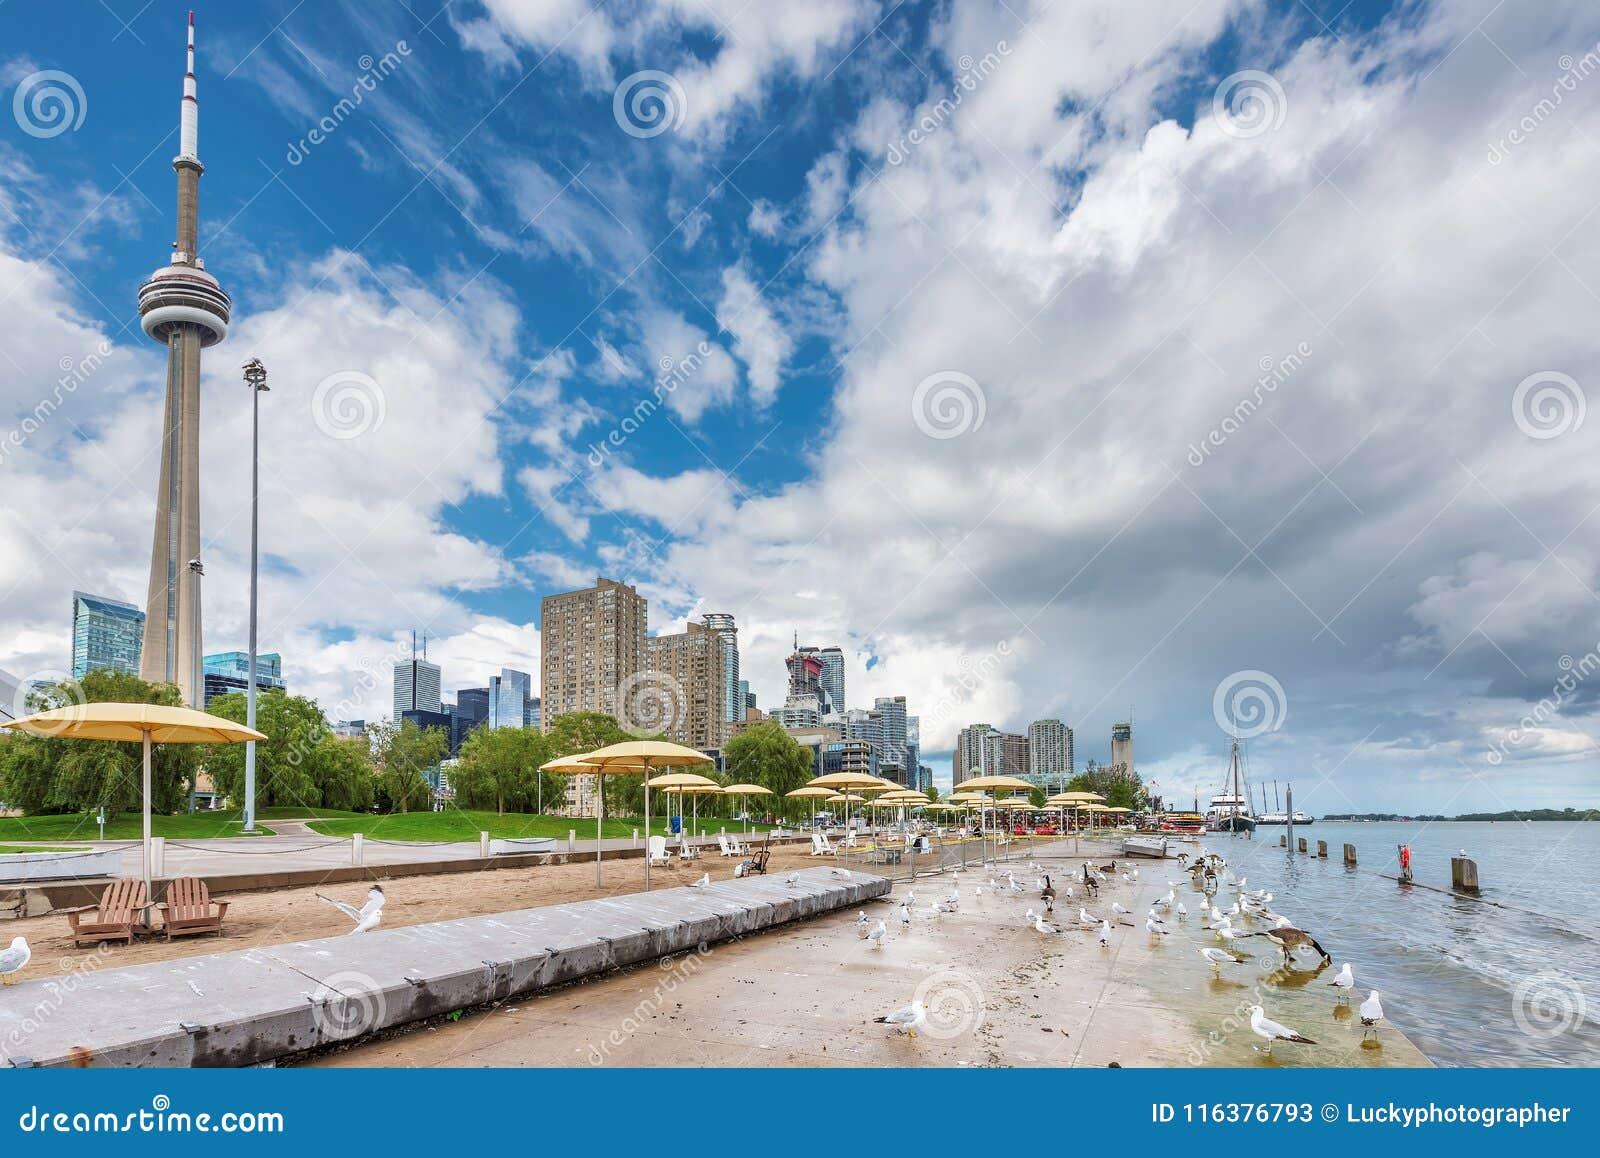 Spiaggia al giorno di estate - Toronto, Ontario, Canada di Toronto